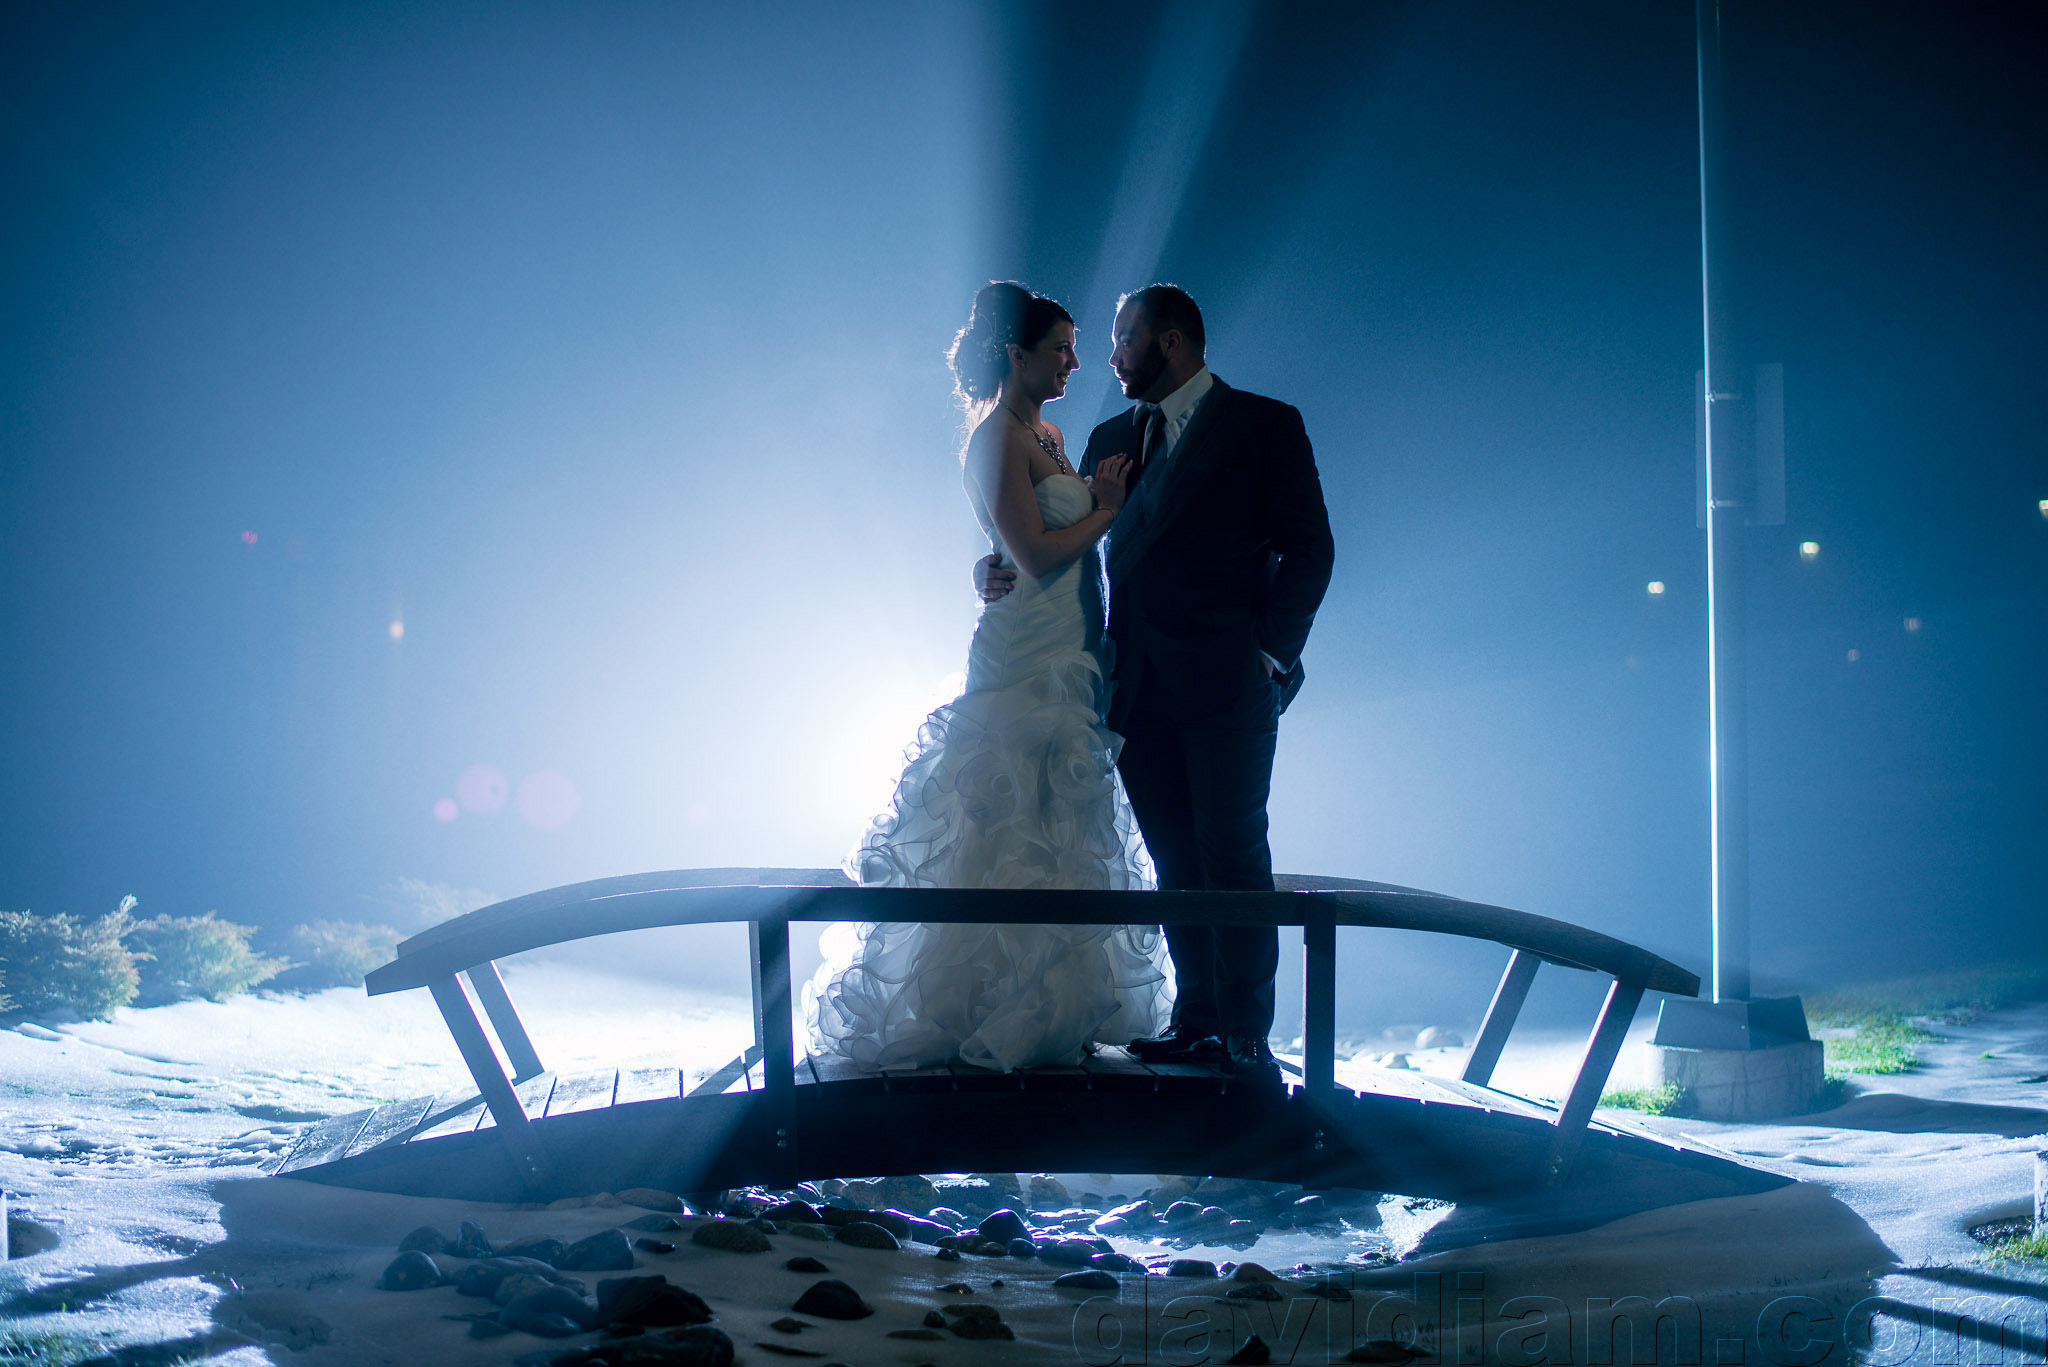 bruce-Hotel-Stratford-wedding-119.jpg